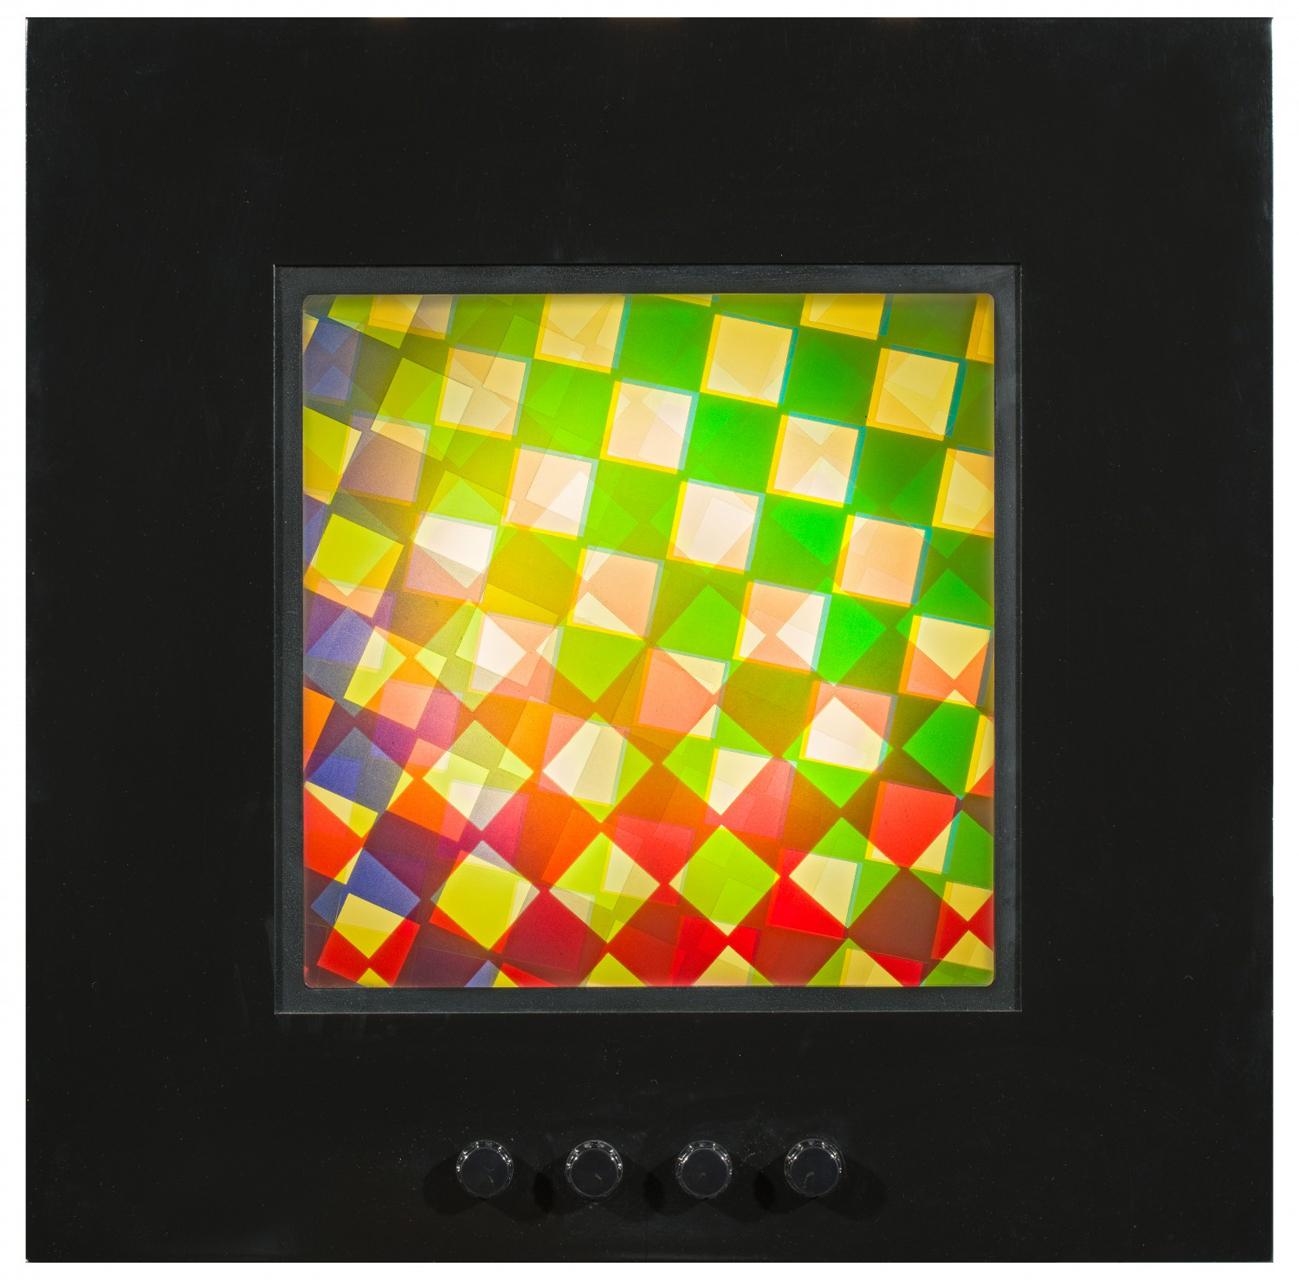 Karl Gerstner, Structure Picture 9 (Struktur Bild), 1958, 62/66 Lichtinstallation, 80 x 80 x 17 cm